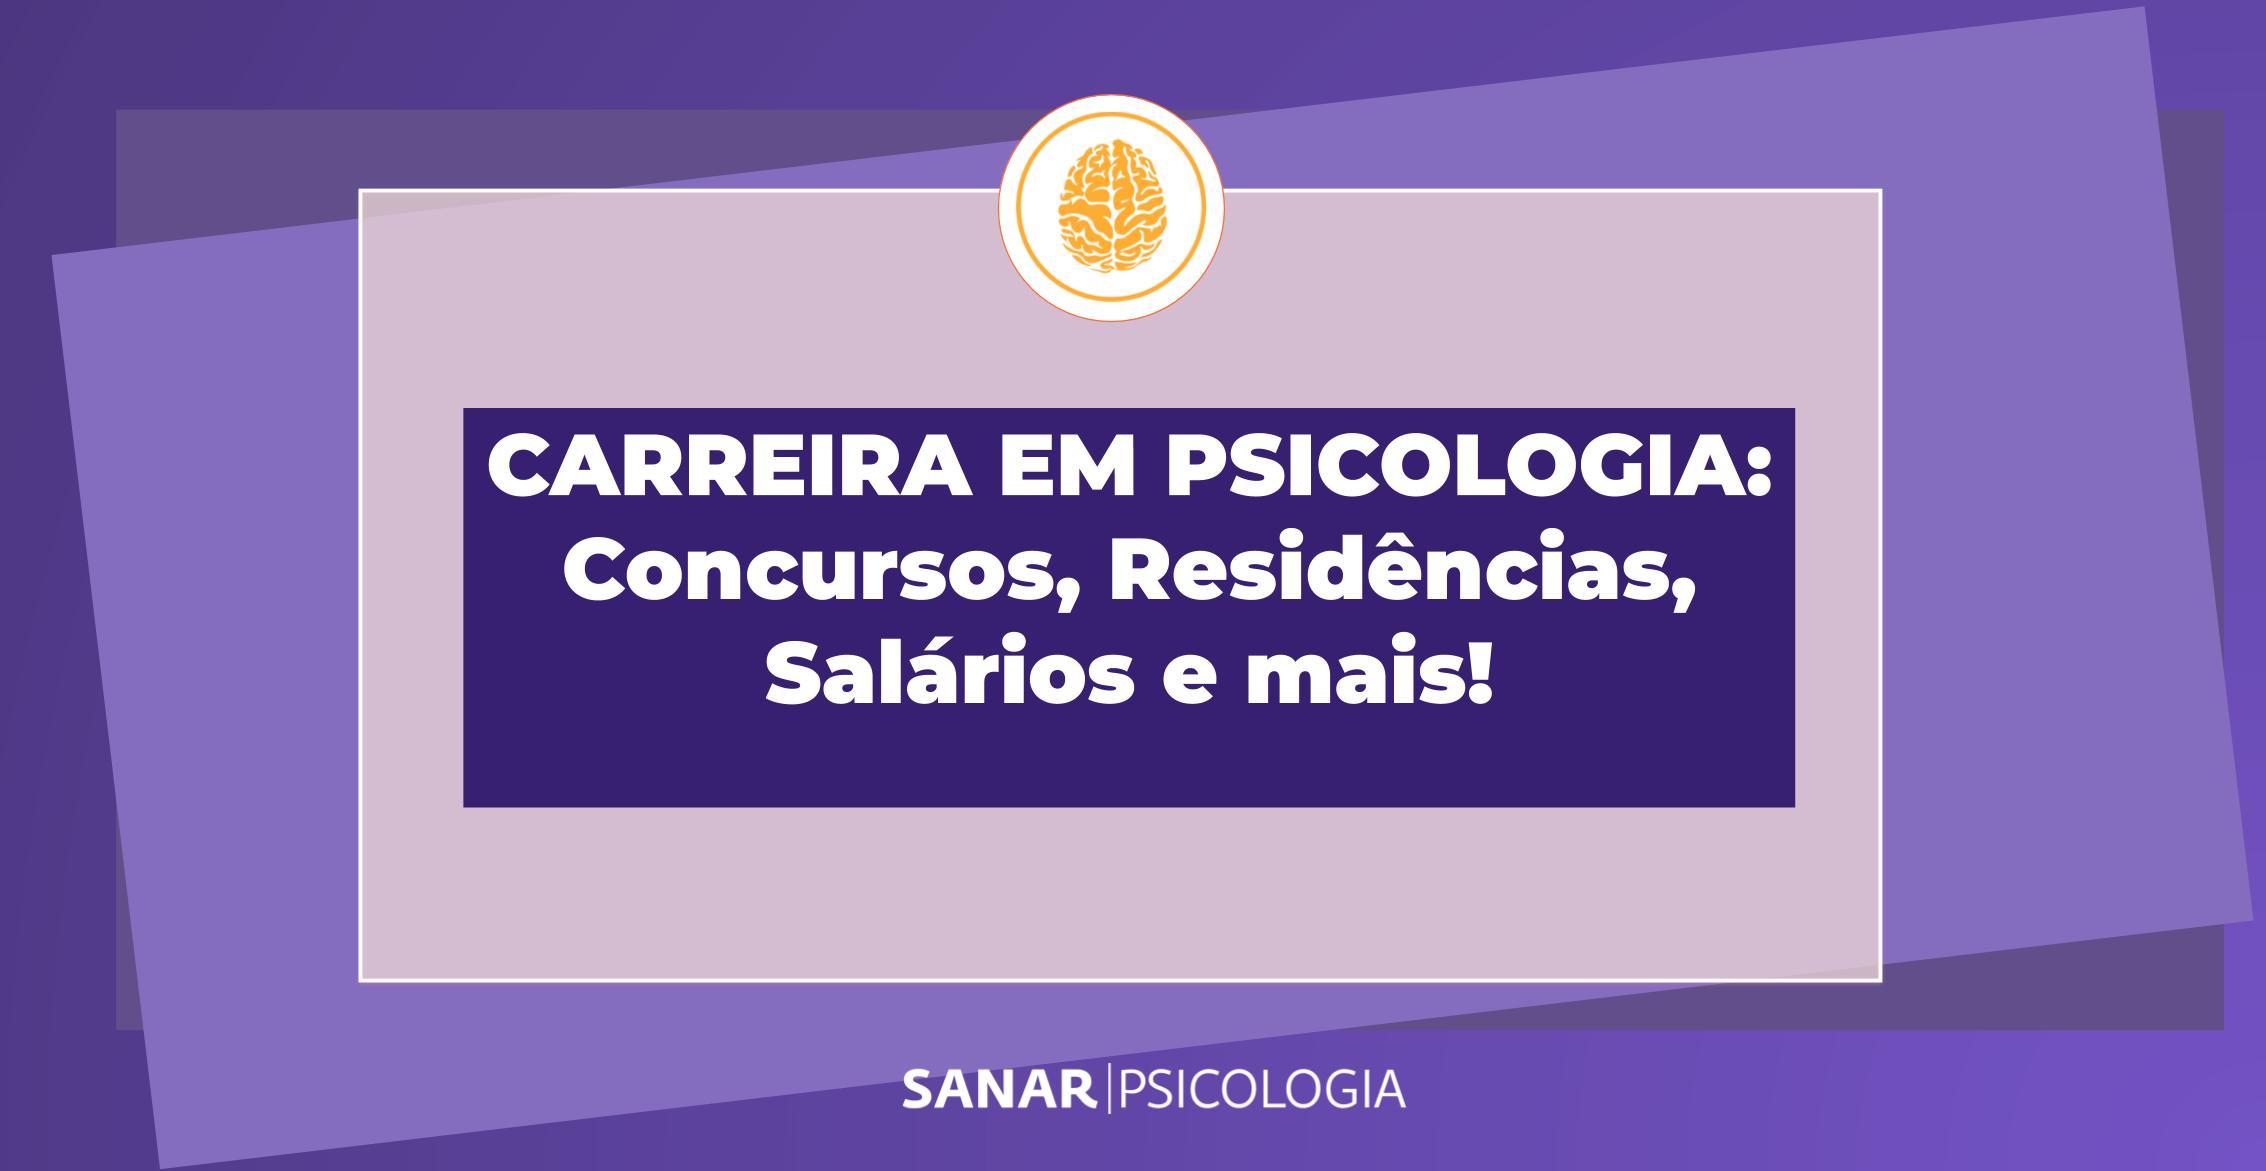 Carreira em Psicologia: concursos, residências, salários e mais!